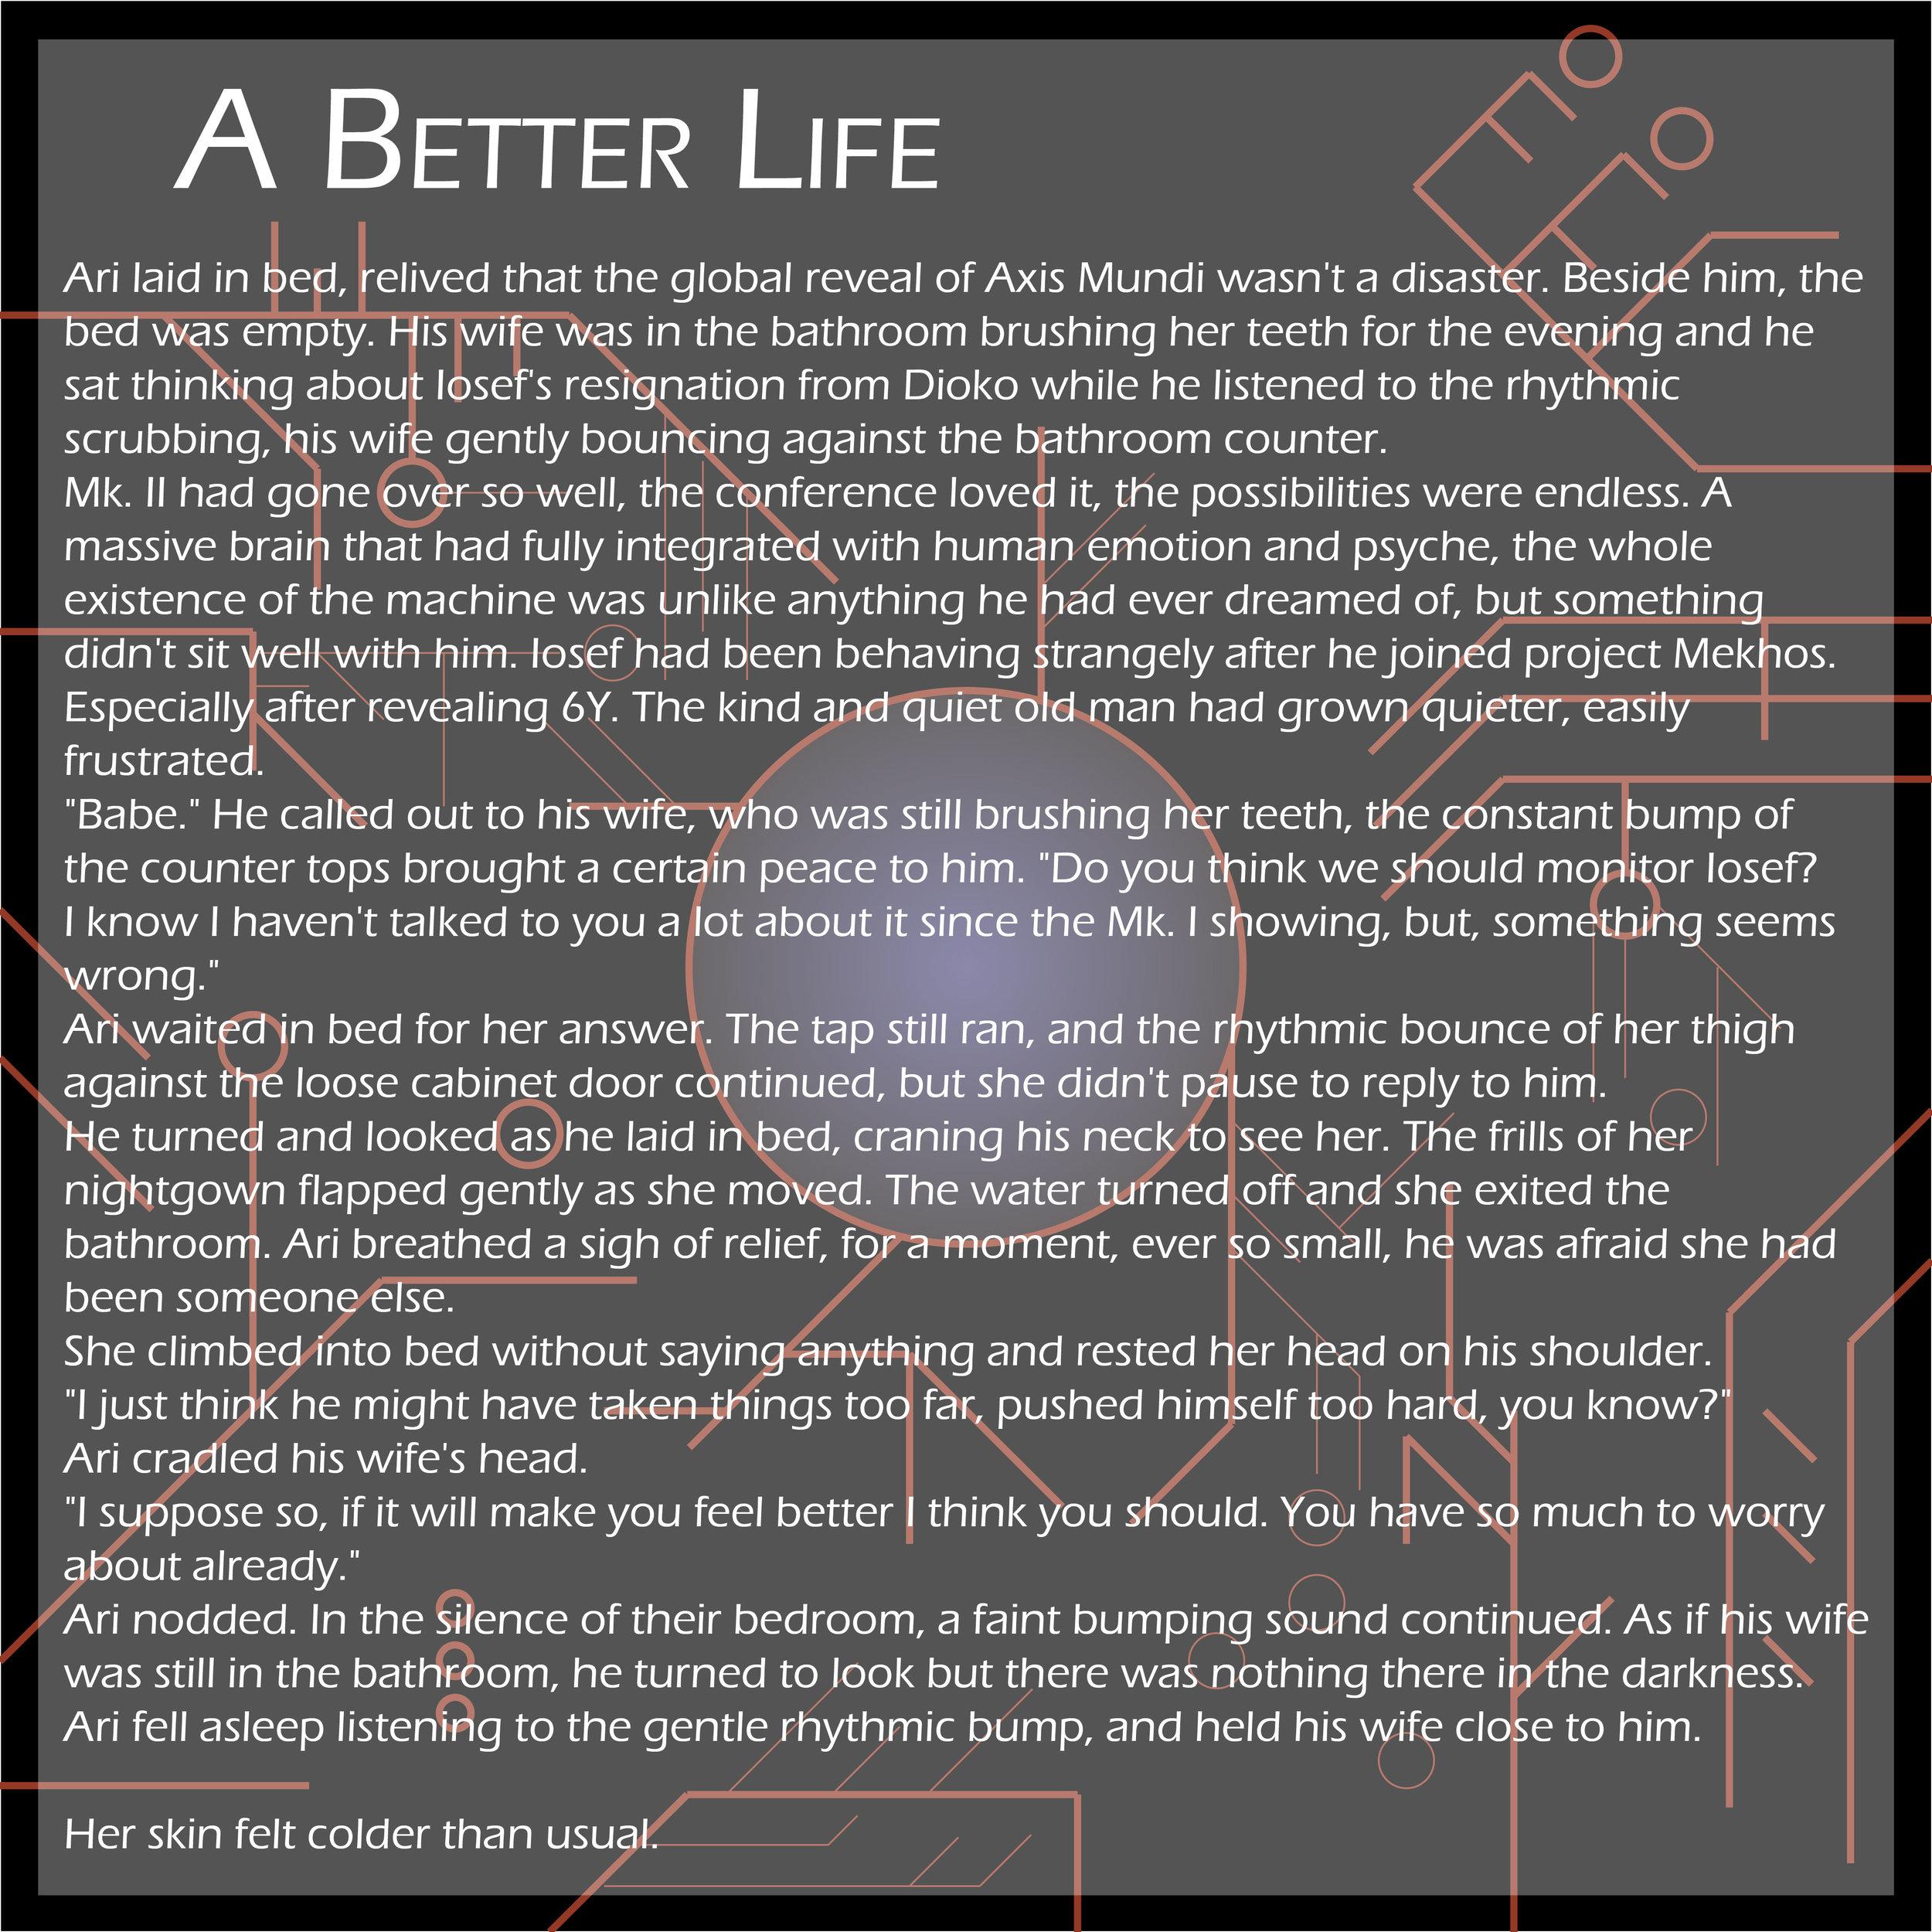 3WAR.UV6 - A Better Life.jpg